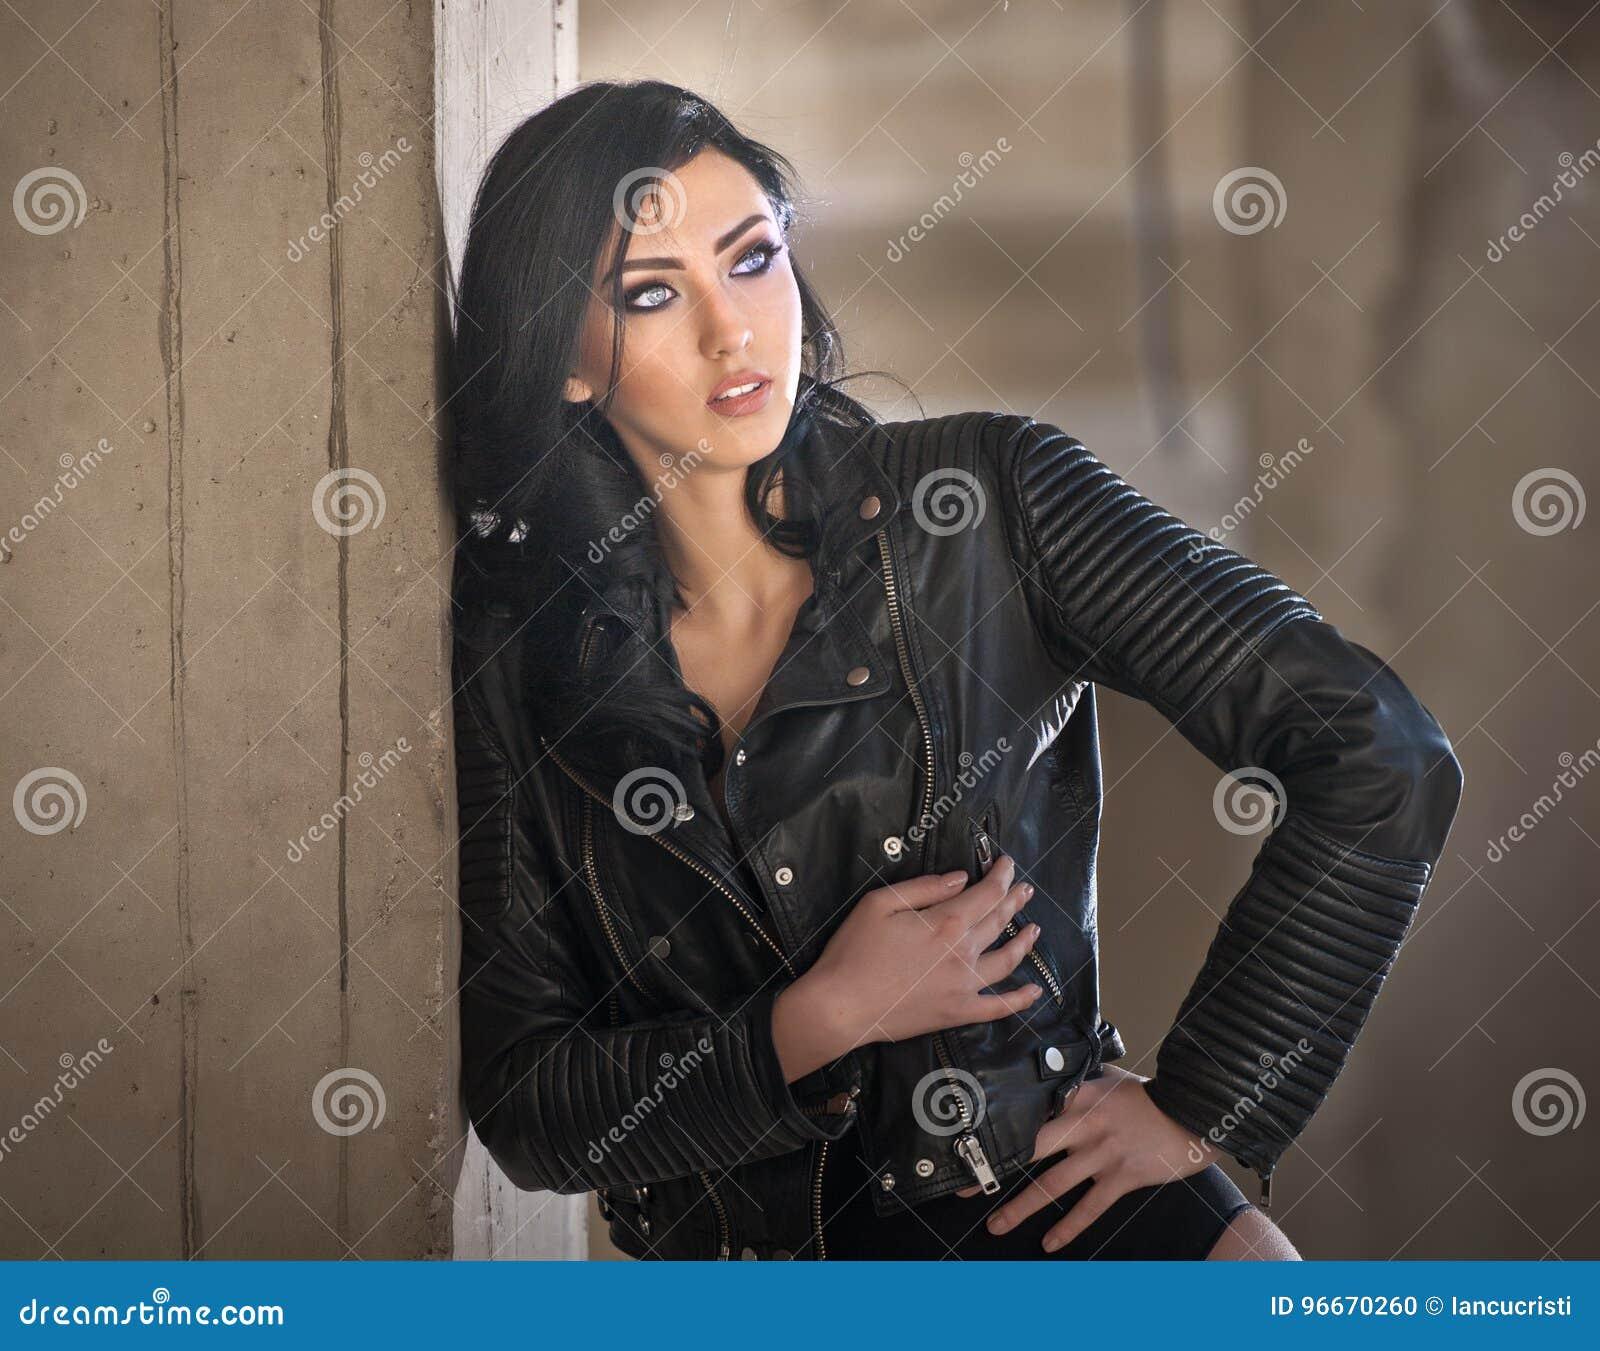 En Portrait Sexy NoirVeste Jeune De Avec Femme Belle L'équipement jqc35LARS4